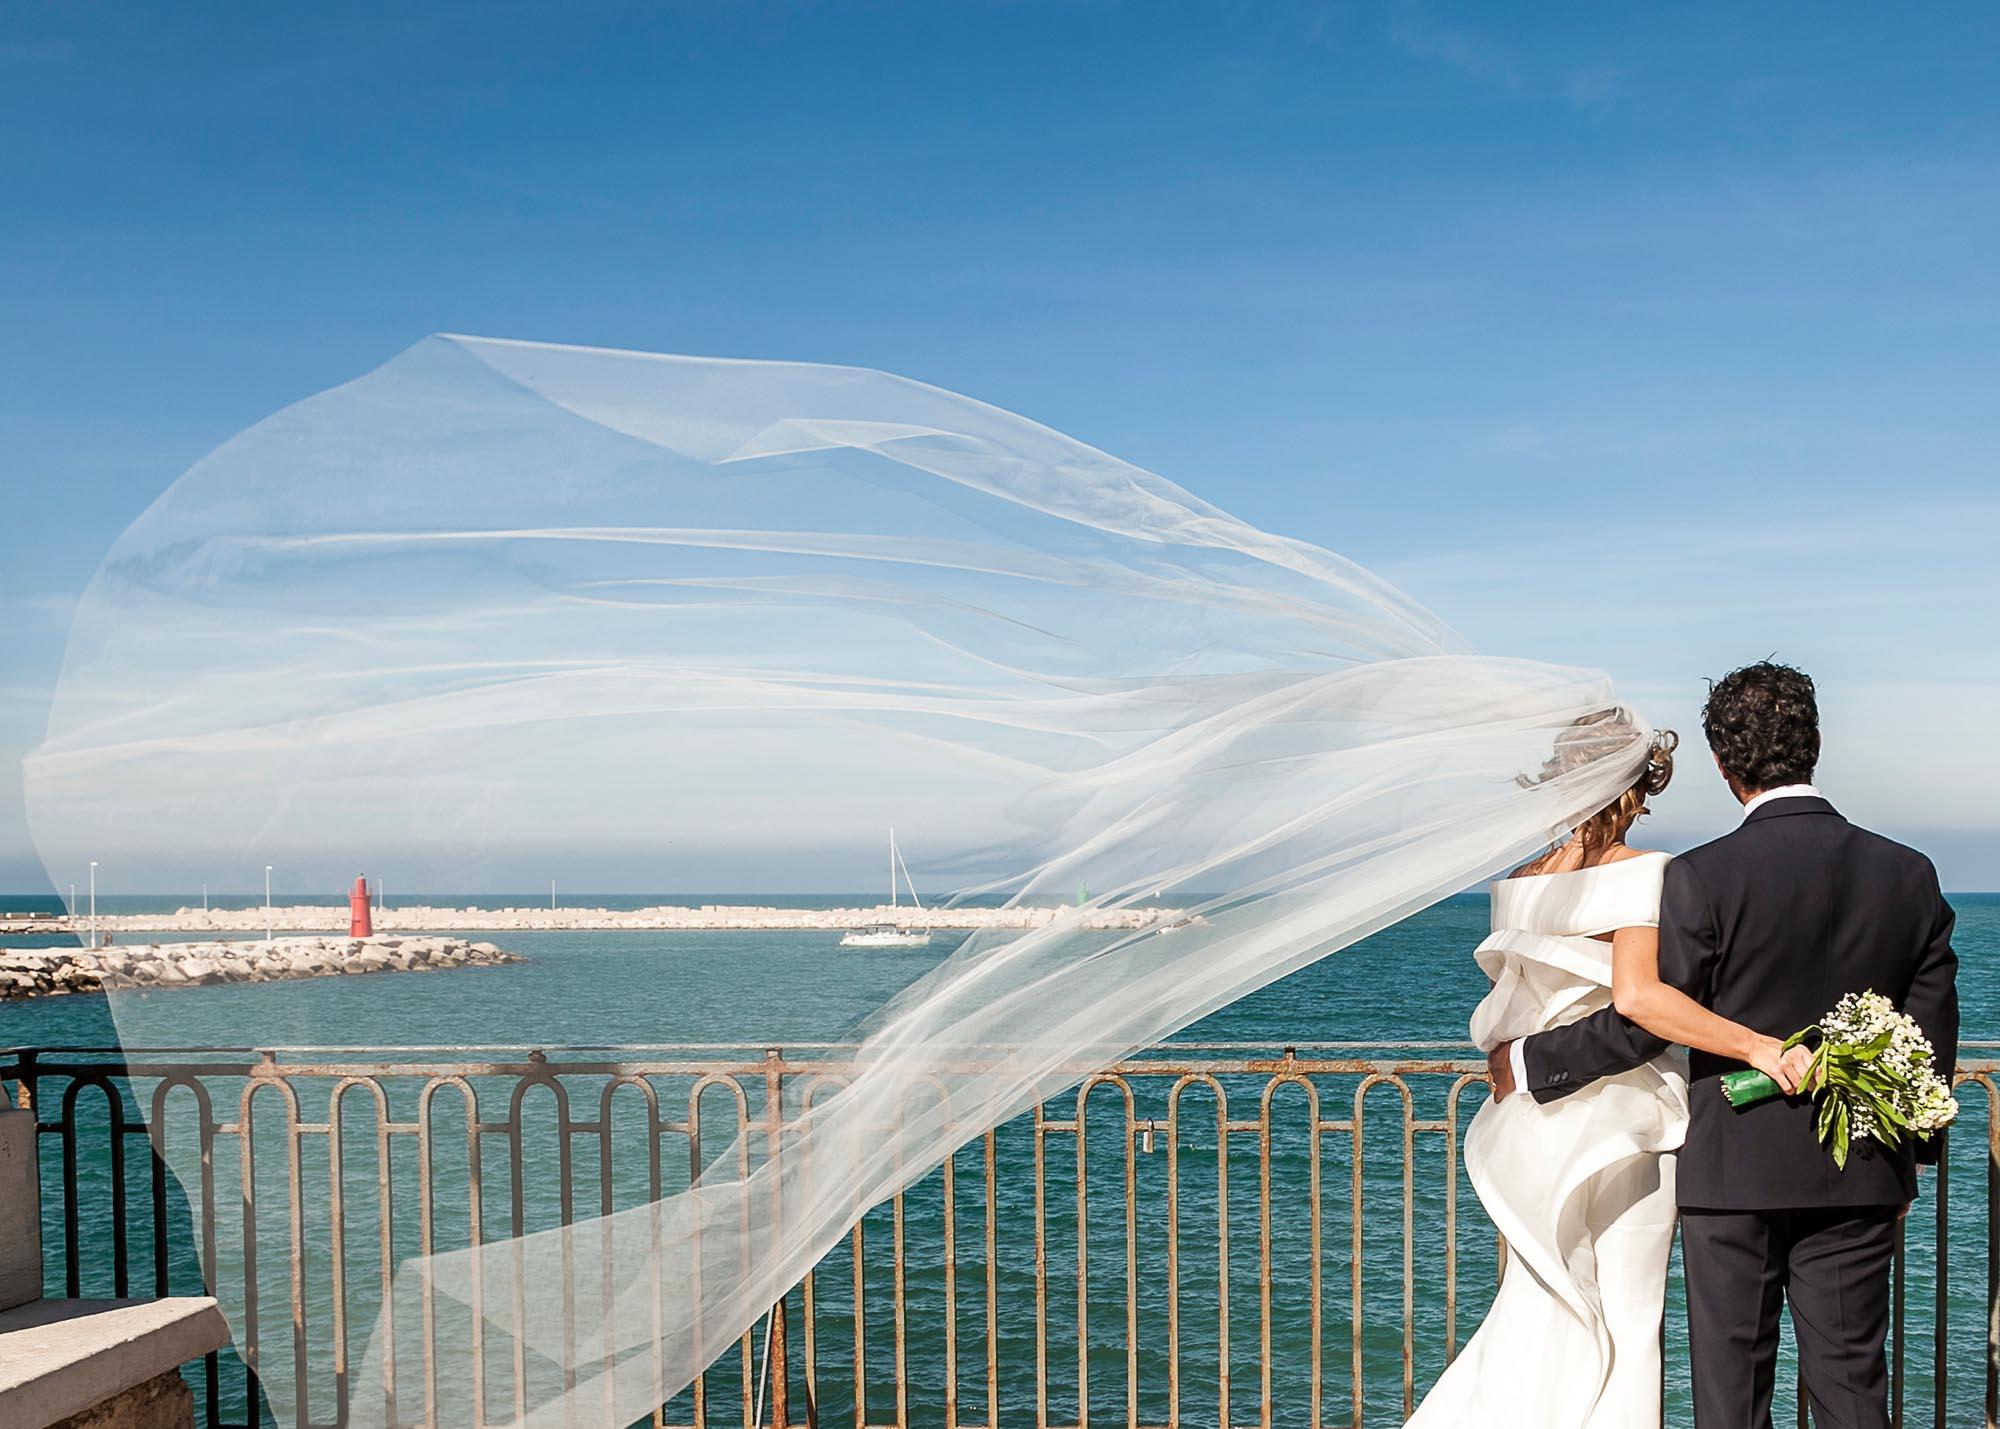 fotografo di matrimonio in puglia sposi al mare con velo al vento